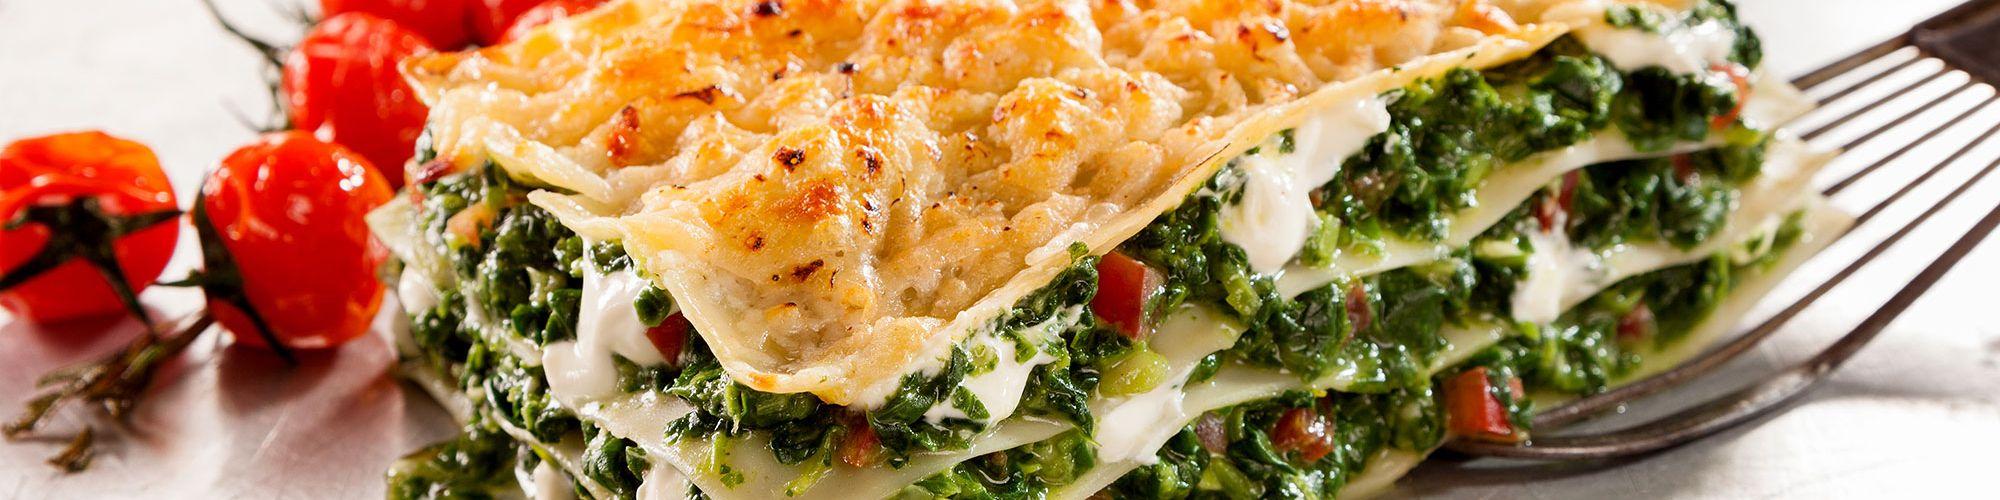 ricetta Lasagne con spinaci e pomodori secchi con pasta fresca